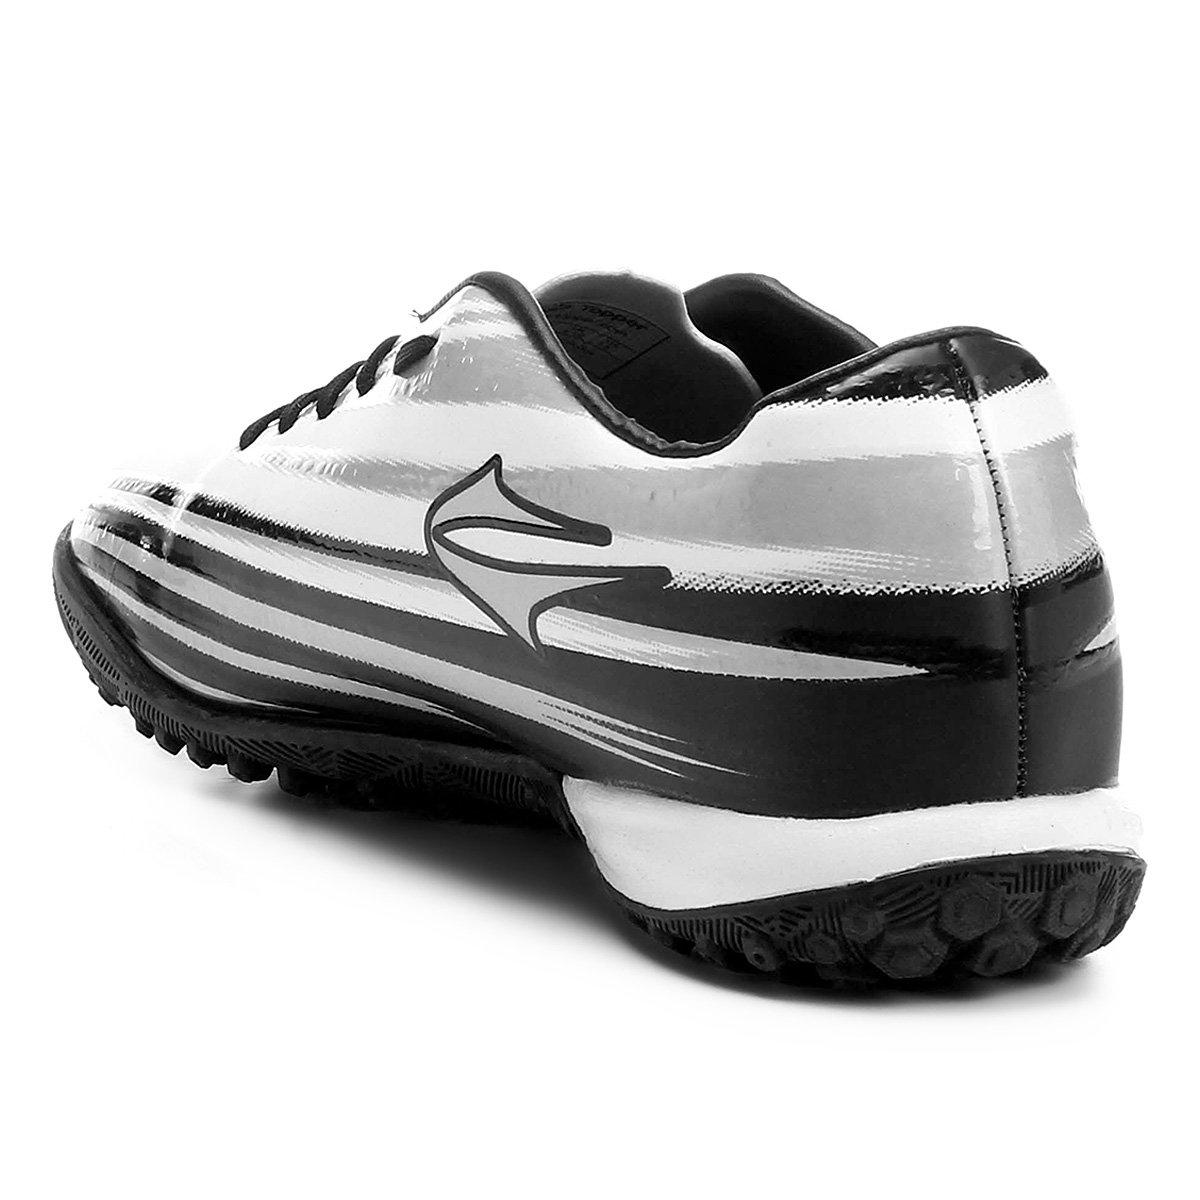 Chuteira Society Topper Vector 2 - Branco e Preto - Compre Agora ... 6868645390284